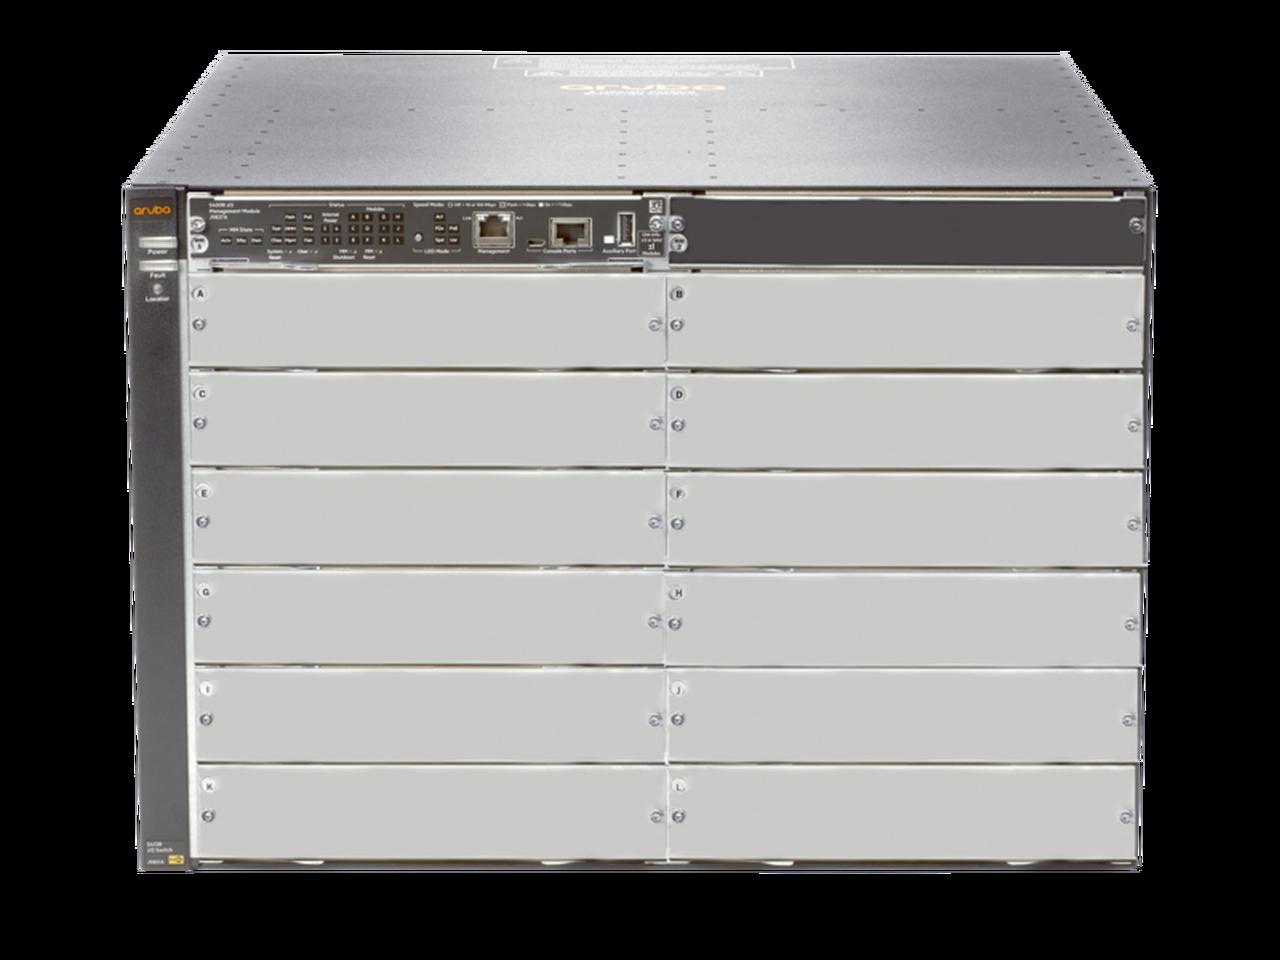 Aruba J9822A 5412R ZL2 Modular Switch